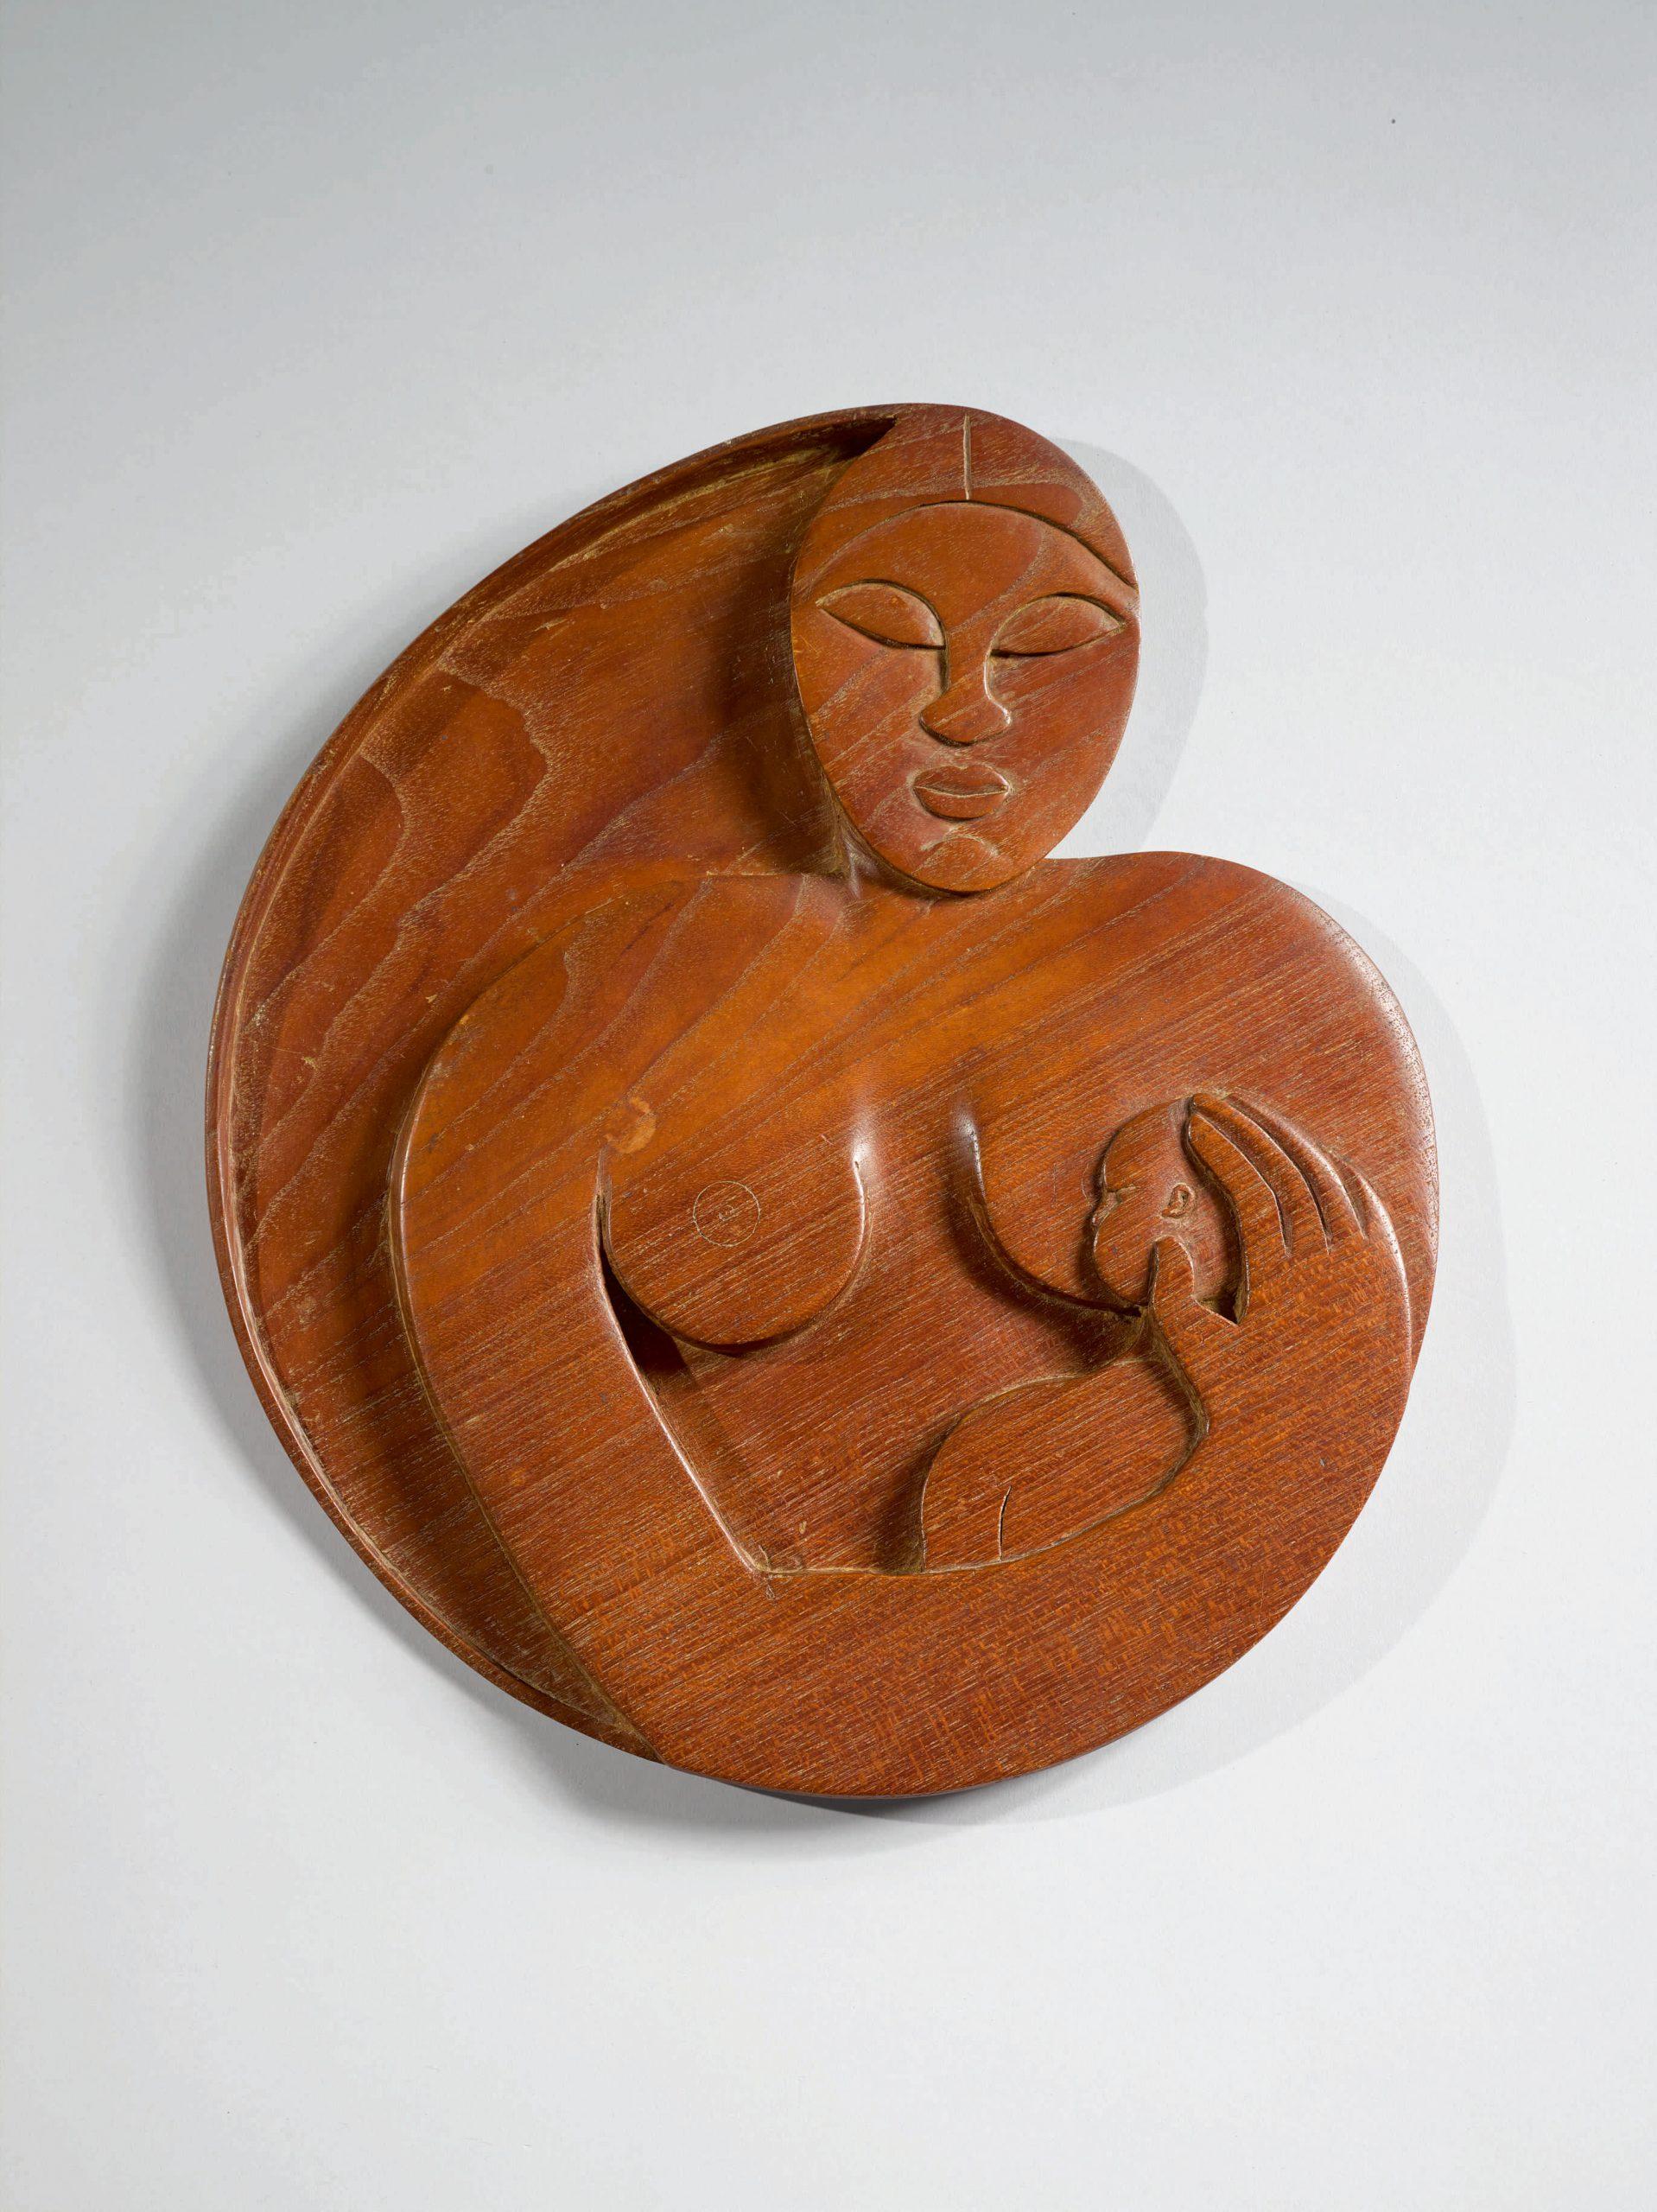 Sculpture by Adi Davierwalla, Untitled (1947)